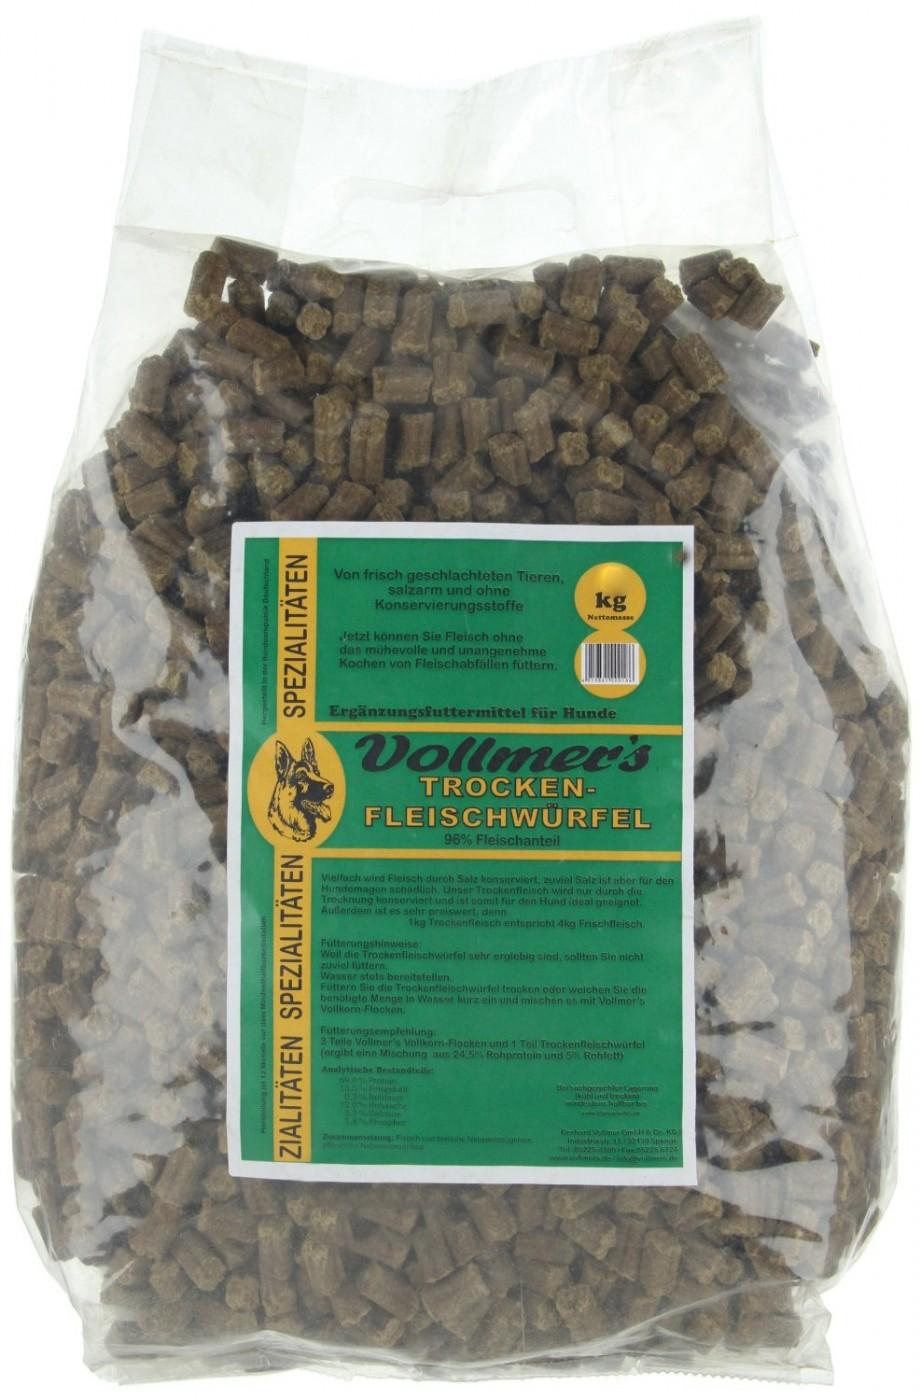 Vollmer´s Trockenfleischwürfel | 10kg Hundefutter